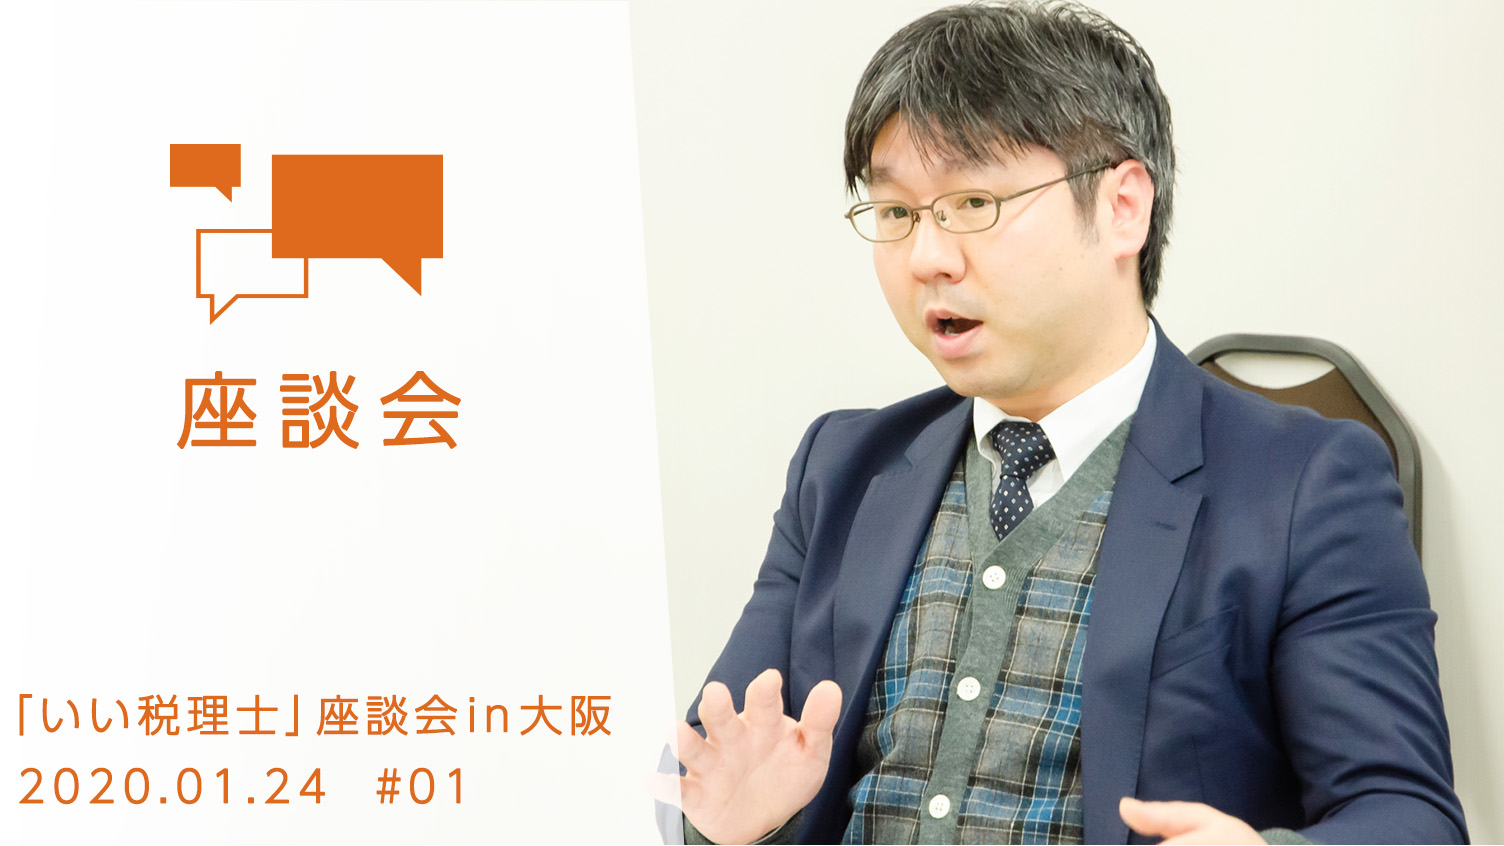 「いい税理士」座談会in大阪 by Lanchor(ランカー)